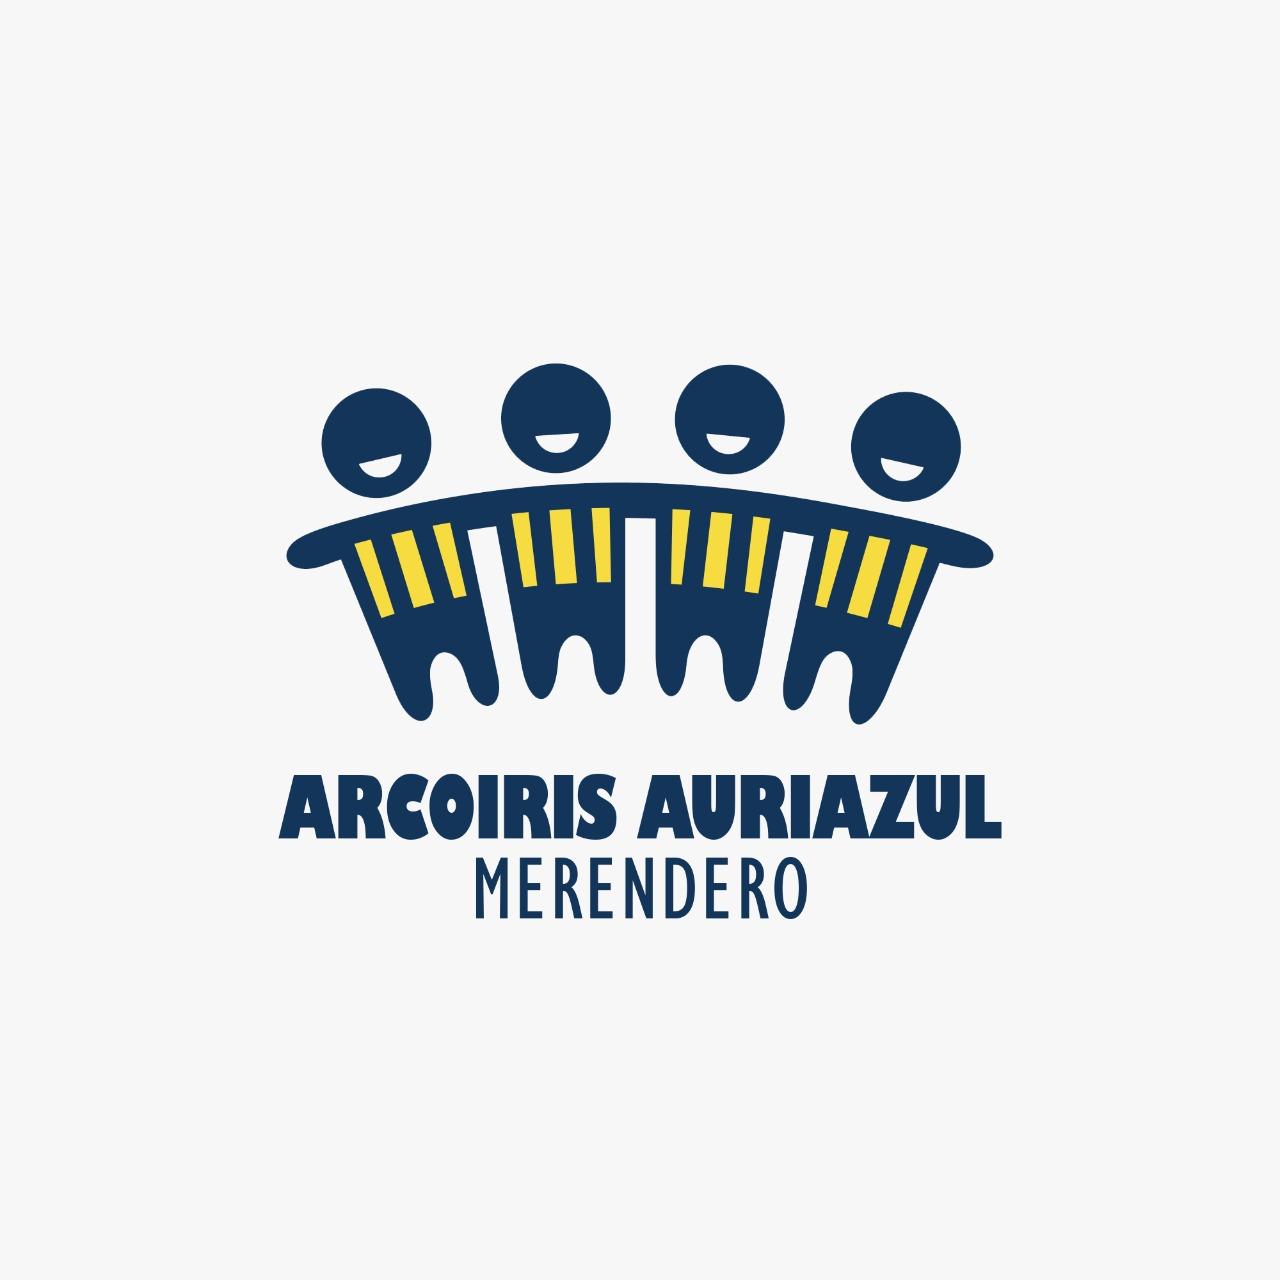 ¡1000 canelones por los 1000 días de los merenderos Arcoíris Auriazul!